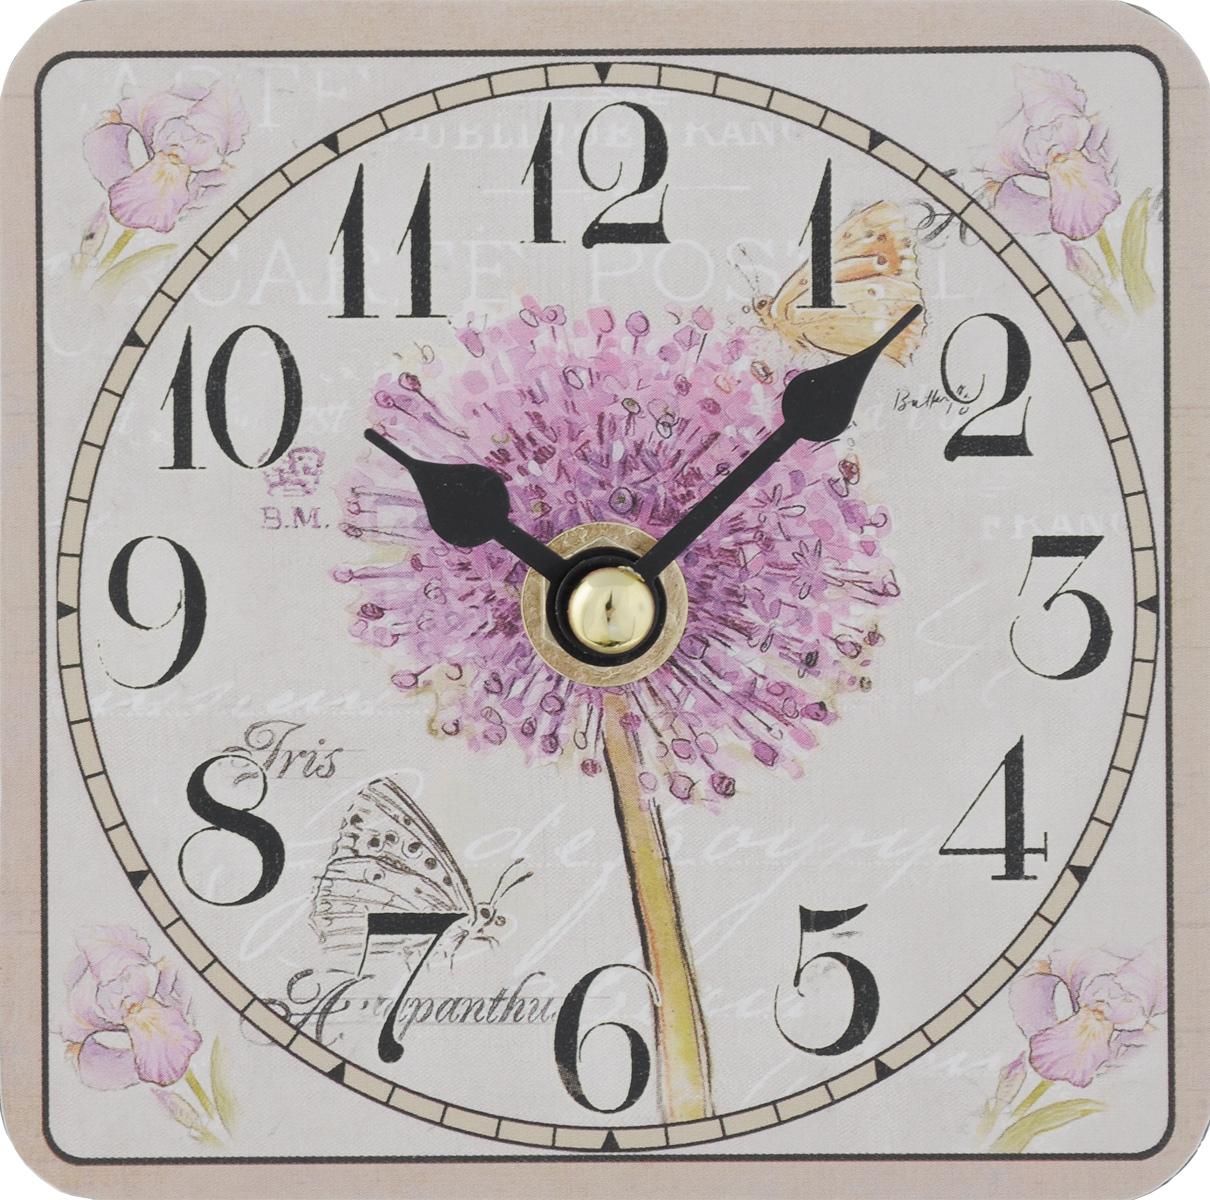 Часы настольные Феникс-Презент Цветение, 10 х 10 см40731Настольные часы квадратной формы Феникс-Презент Цветение своим эксклюзивным дизайном подчеркнут оригинальность интерьера вашего дома. Циферблат оформлен изображением цветов. Часы выполнены из МДФ. МДФ (мелкодисперсные фракции) представляет собой плиту из запрессованной вакуумным способом деревянной пыли и является наиболее экологически чистым материалом среди себе подобных. Часы имеют две стрелки - часовую и минутную. Настольные часы Феникс-Презент Цветение подходят для кухни, гостиной, прихожей или дачи, а также могут стать отличным подарком для друзей и близких. ВНИМАНИЕ!!! Часы работают от сменной батареи типа АА 1,5V (в комплект не входит).